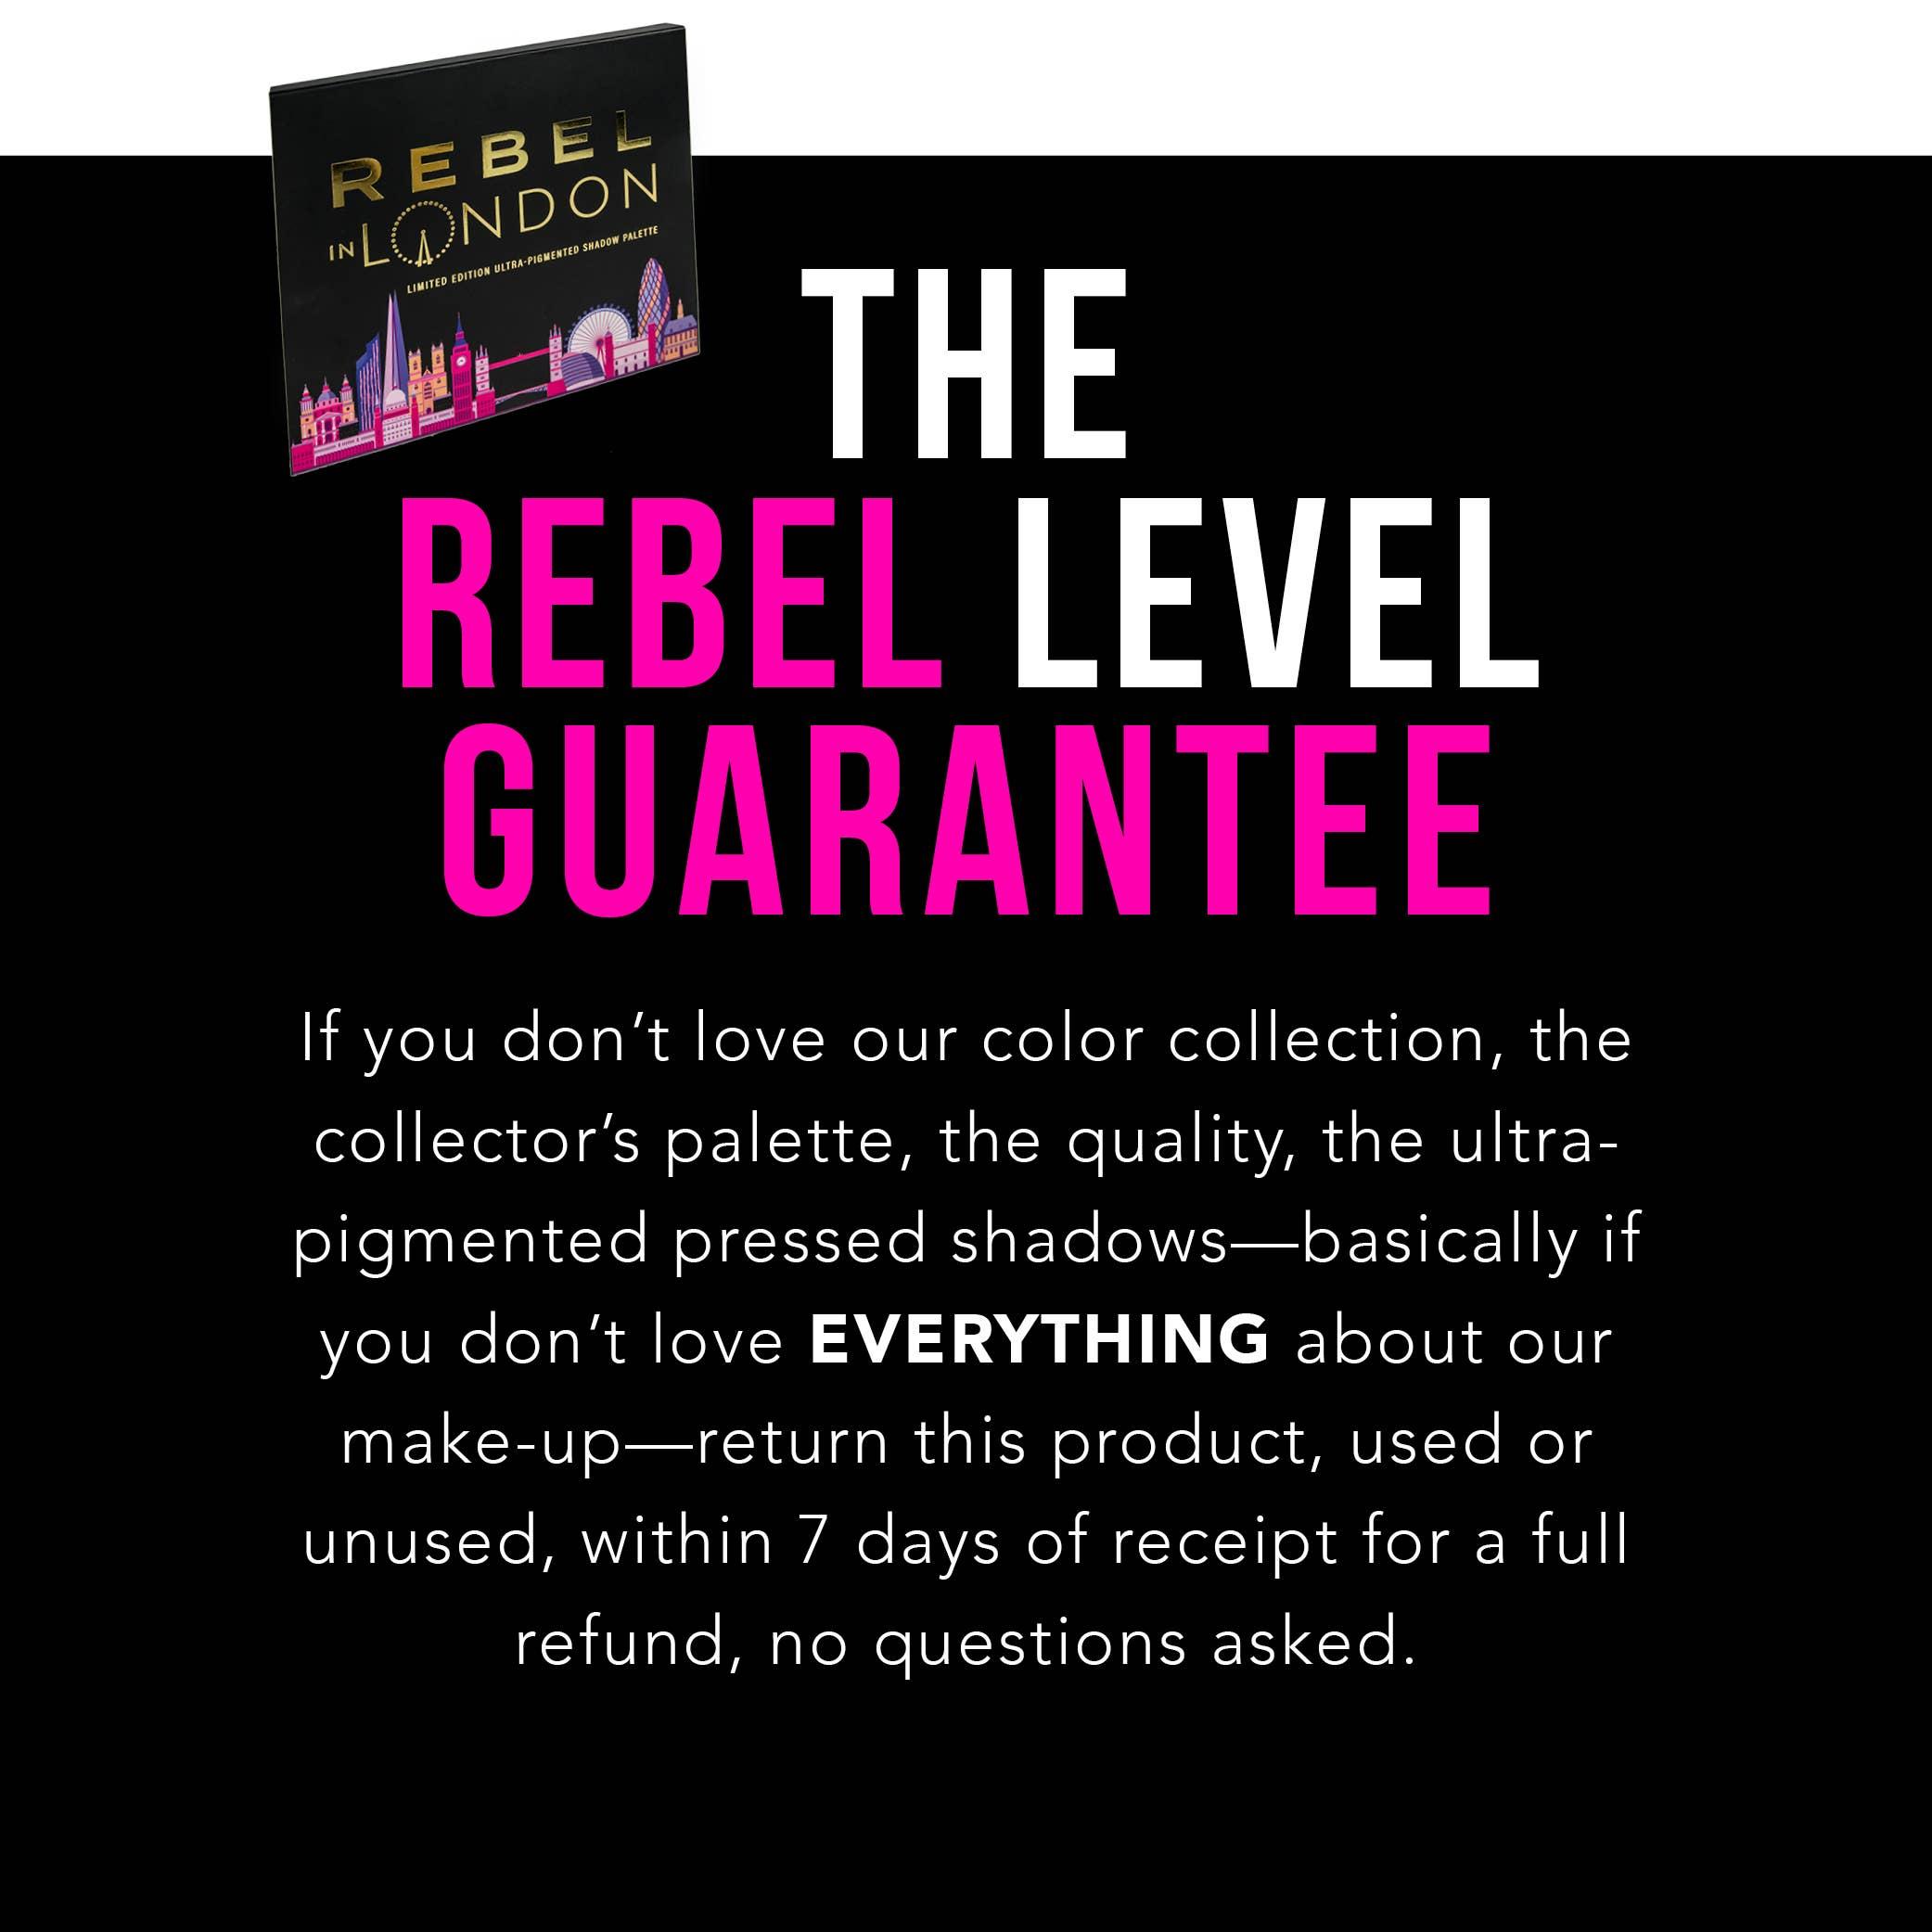 Rebel Level Guarentee